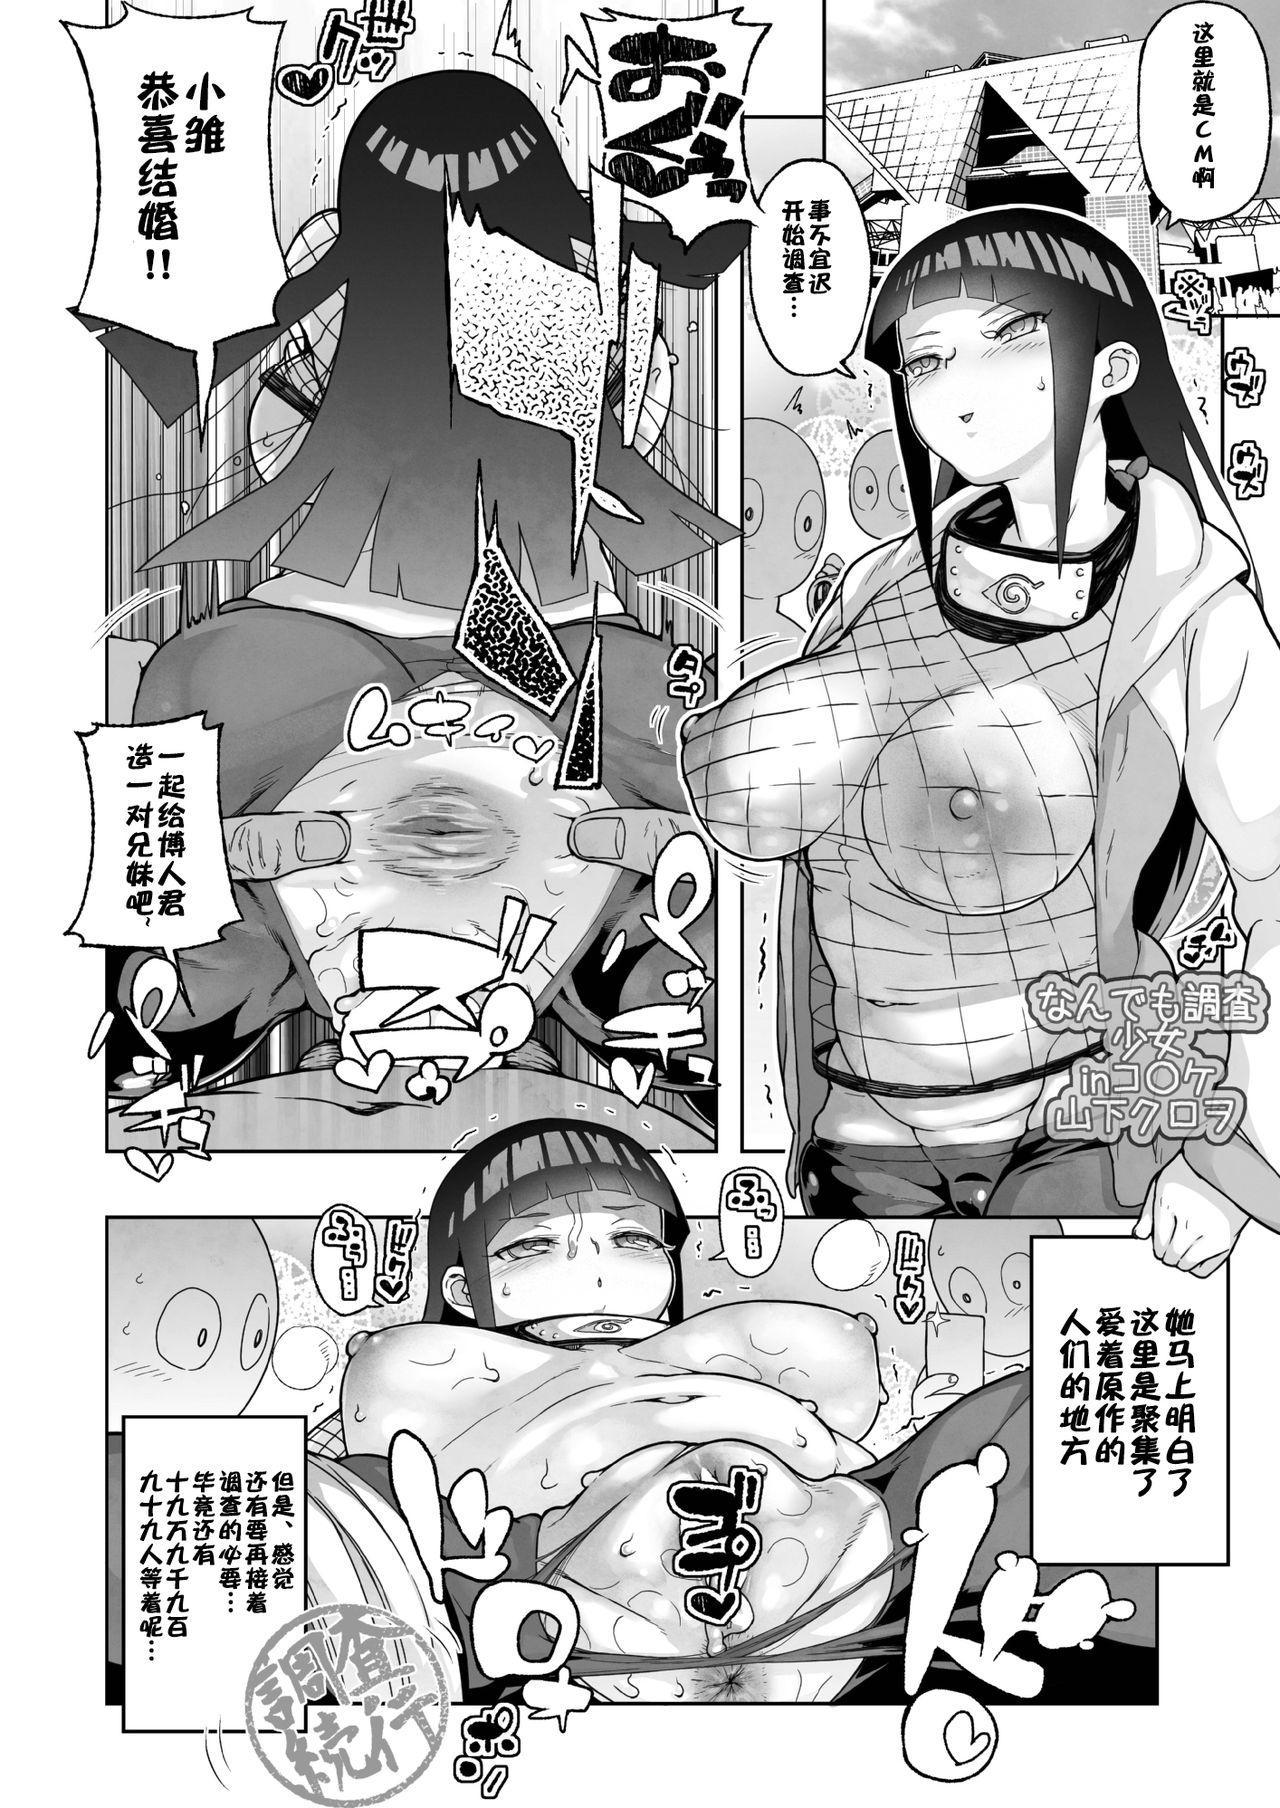 Nandemo Chousa Shoujo no Doujinshi ga Deta? Wakarimashita Chousa Shimasu 39